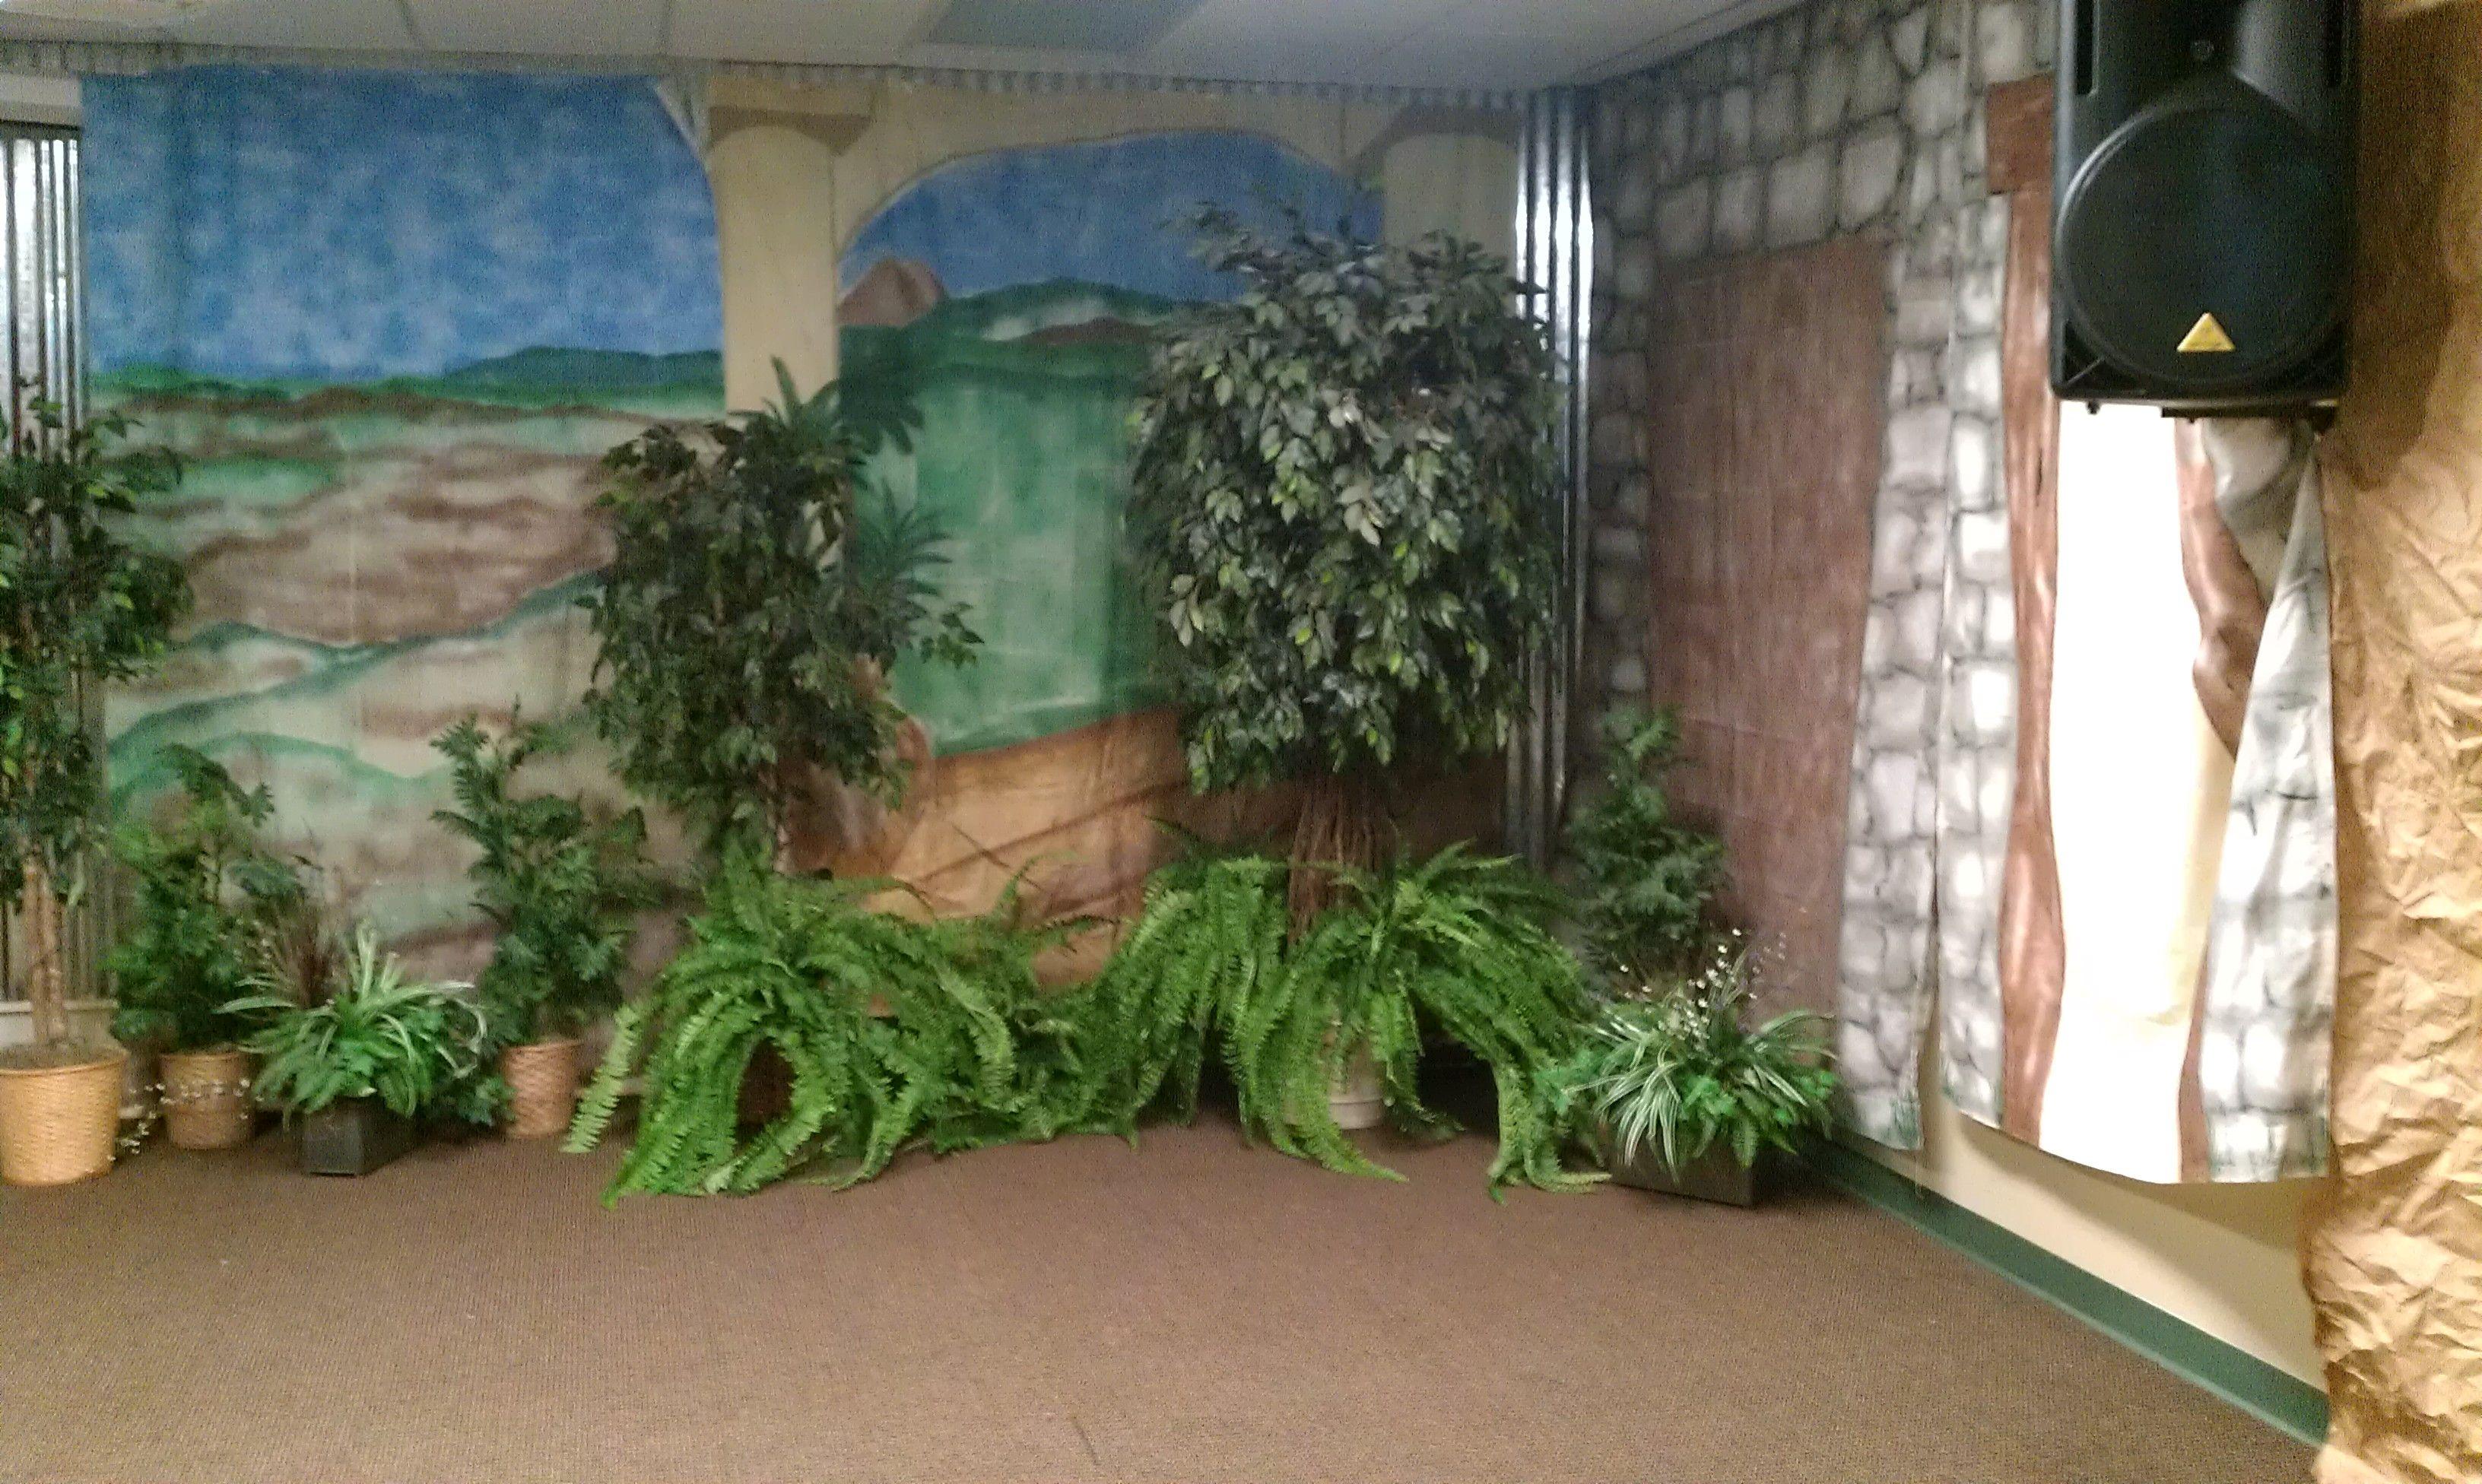 c5506fc7003100a12ac9f69f936a8ec6 - Gardens Of Gethsemani Plots For Sale